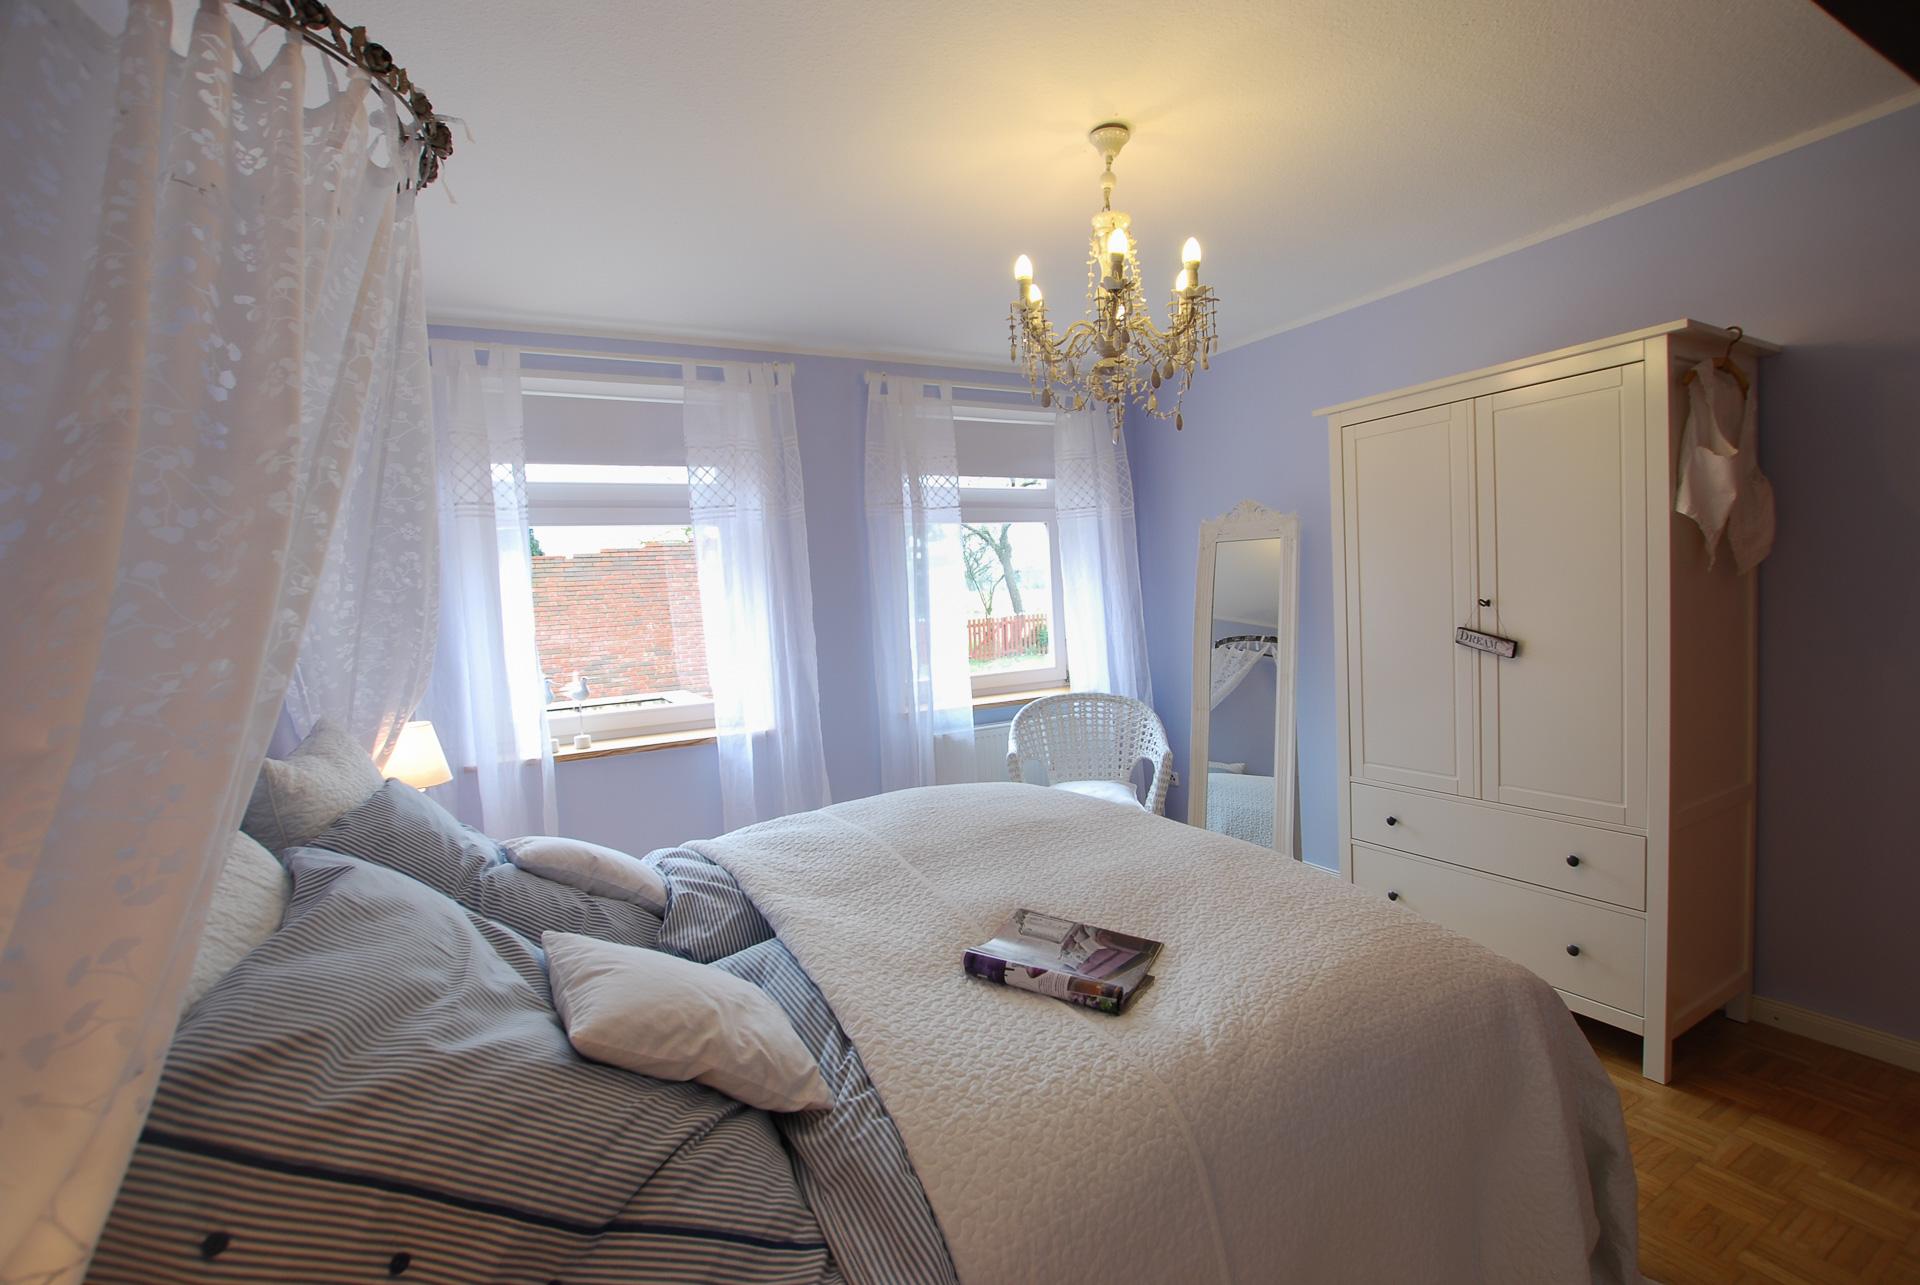 single schlafzimmer theraline kopfkissen baby ikea g nstige kleiderschr nke hofmeister. Black Bedroom Furniture Sets. Home Design Ideas